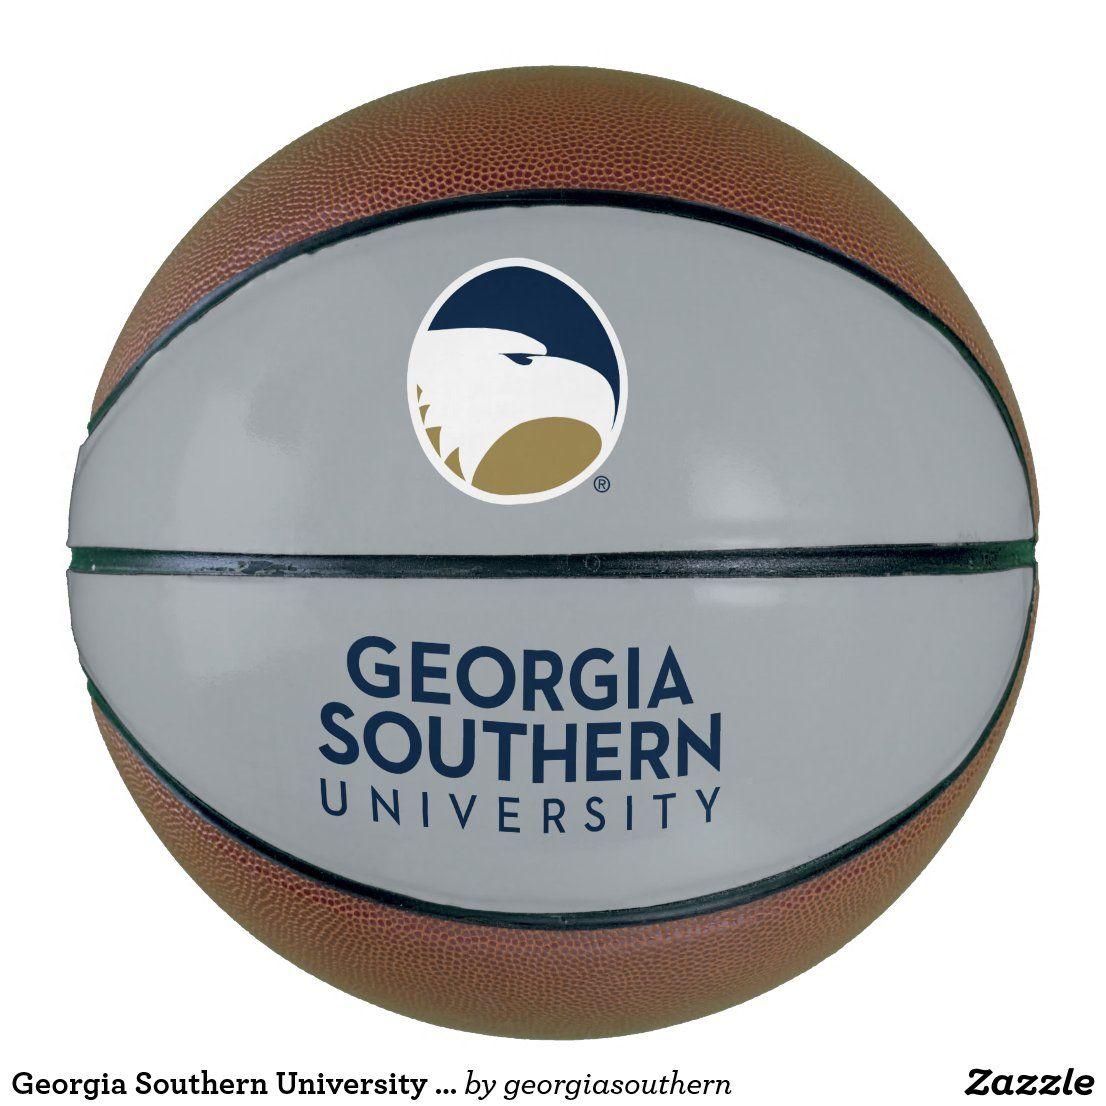 Georgia Southern University Logo Text Basketball Zazzle Com In 2020 Georgia Southern University Georgia Southern University Logo